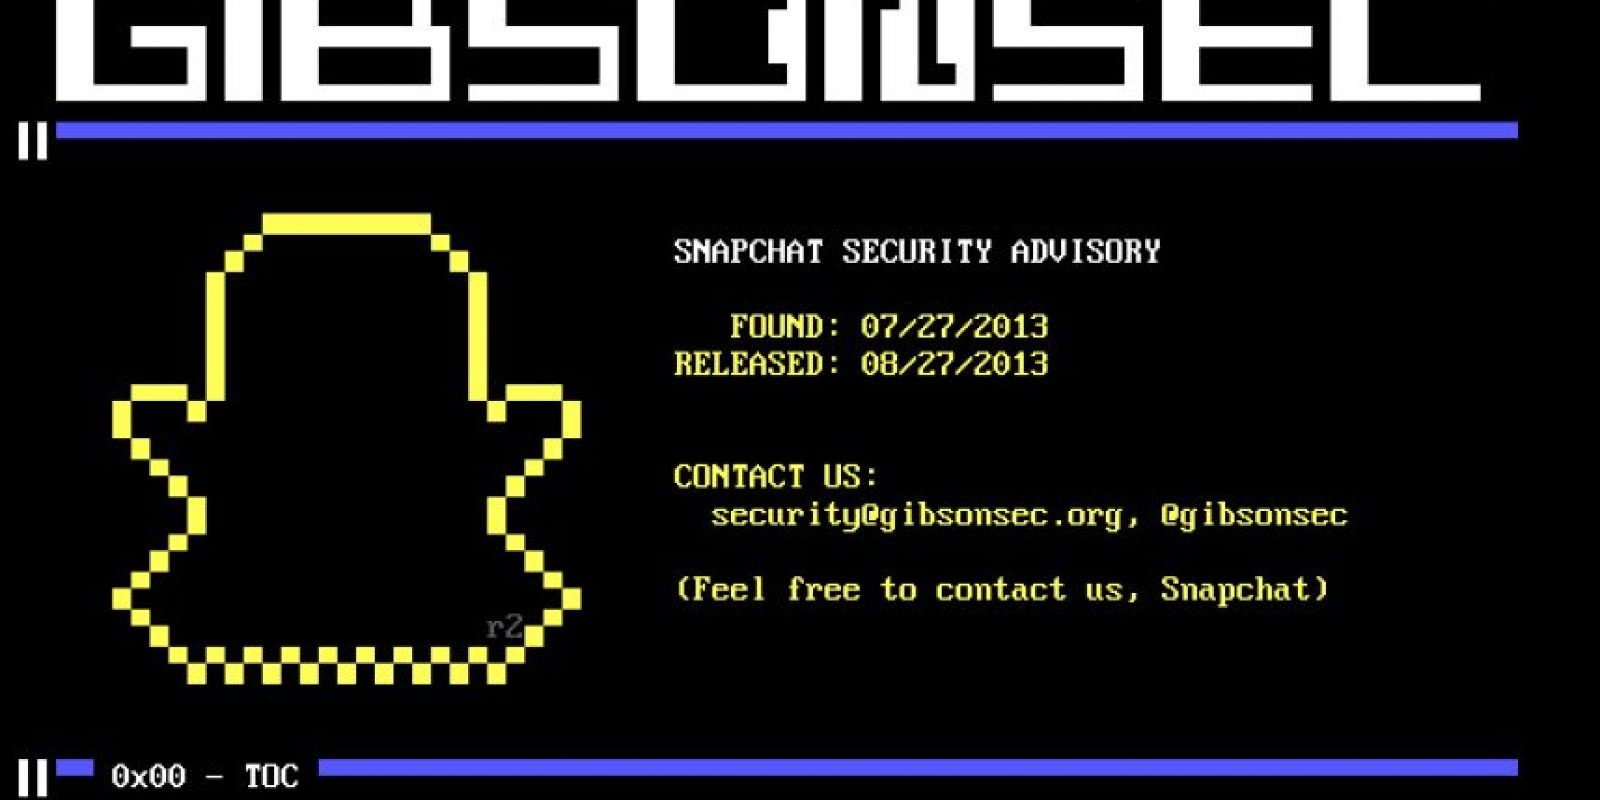 """La empresa Gibsonsec, encargada de la seguridad de la app, publicó en diciembre de 2014 que más de 40 mil cuentas habían sido """"hackeadas"""" y que se trabajaba en los fallos. Foto:gibsonsec.org/snapchat/"""